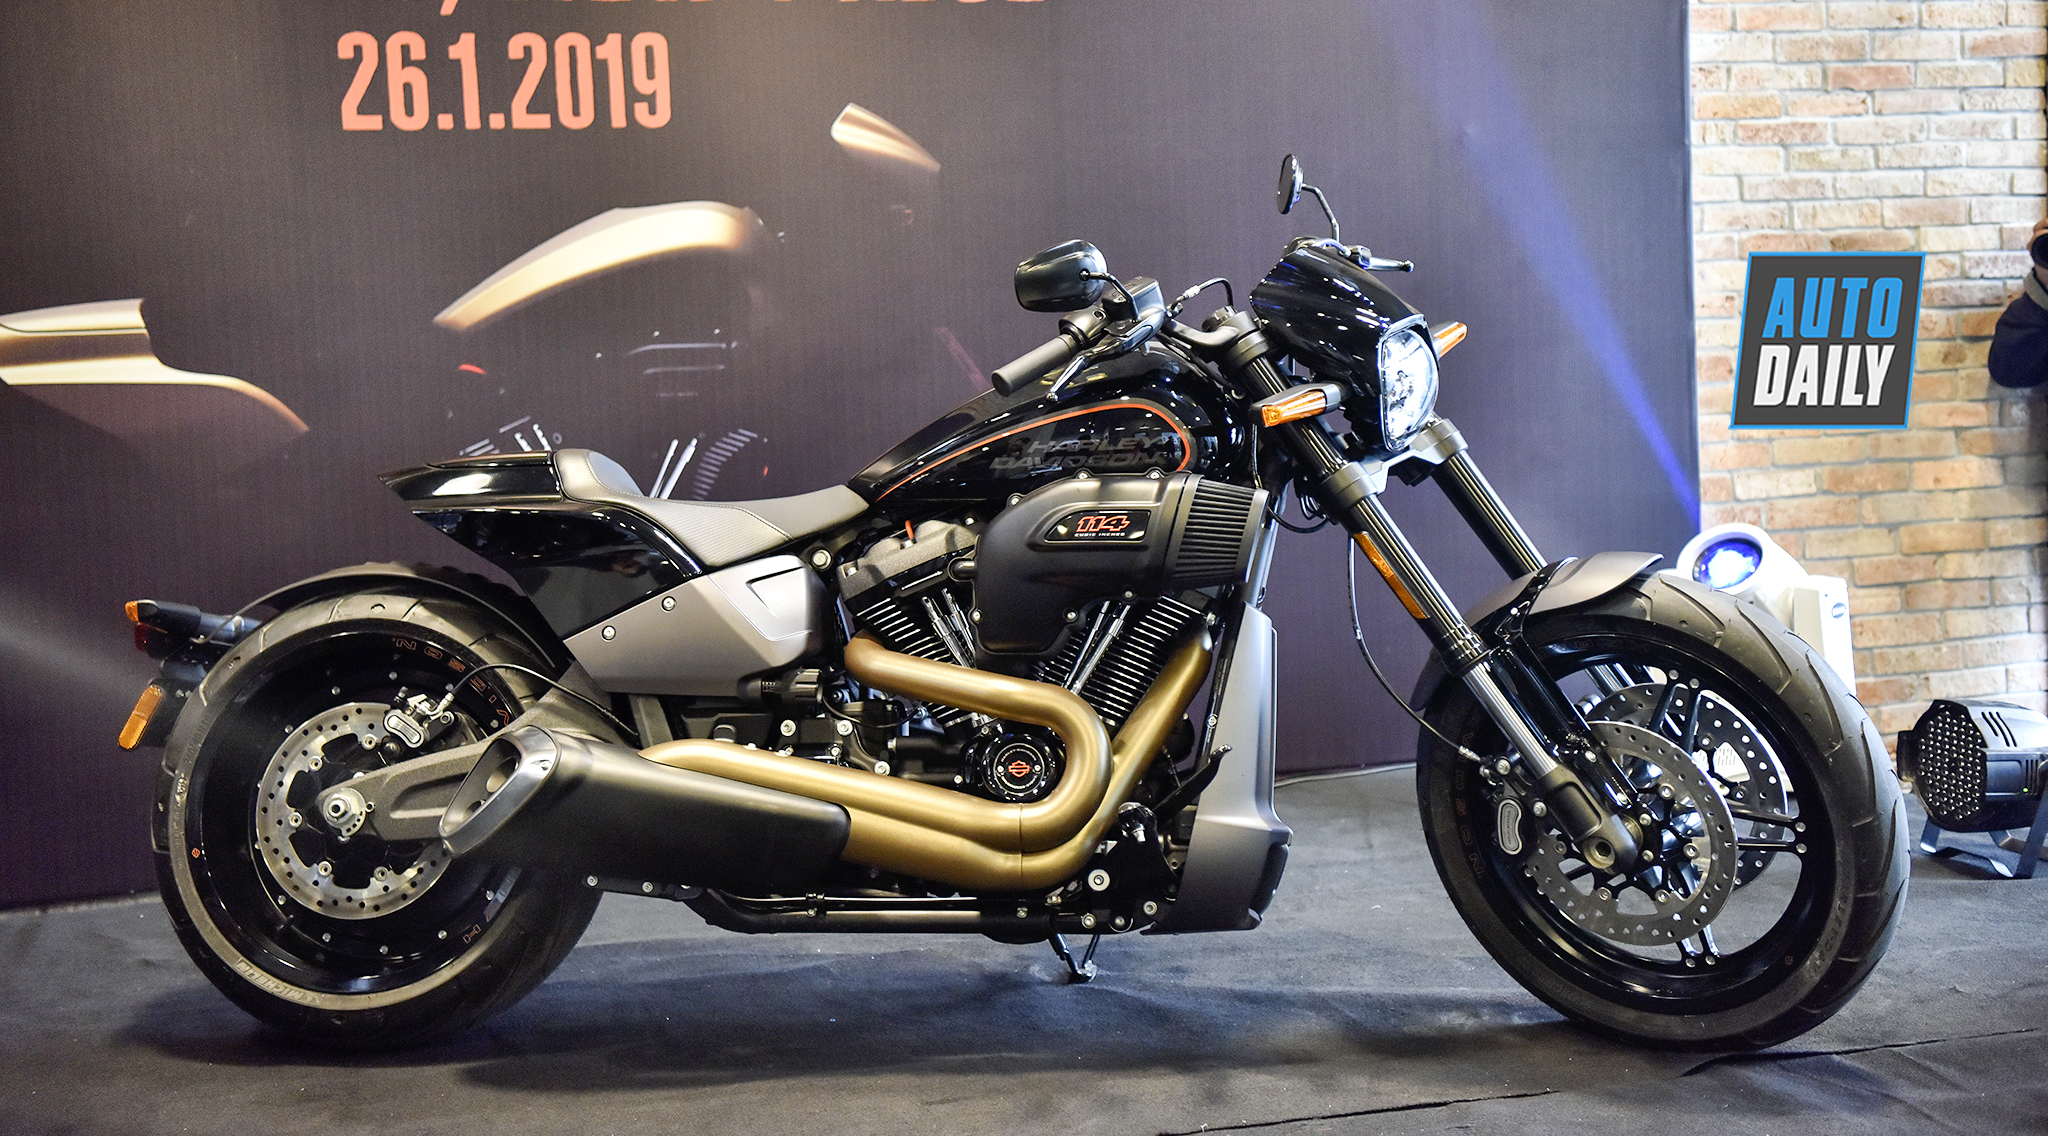 Harley-Davidson FXDR 114 ra mắt tại Việt Nam, giá 799 triệu